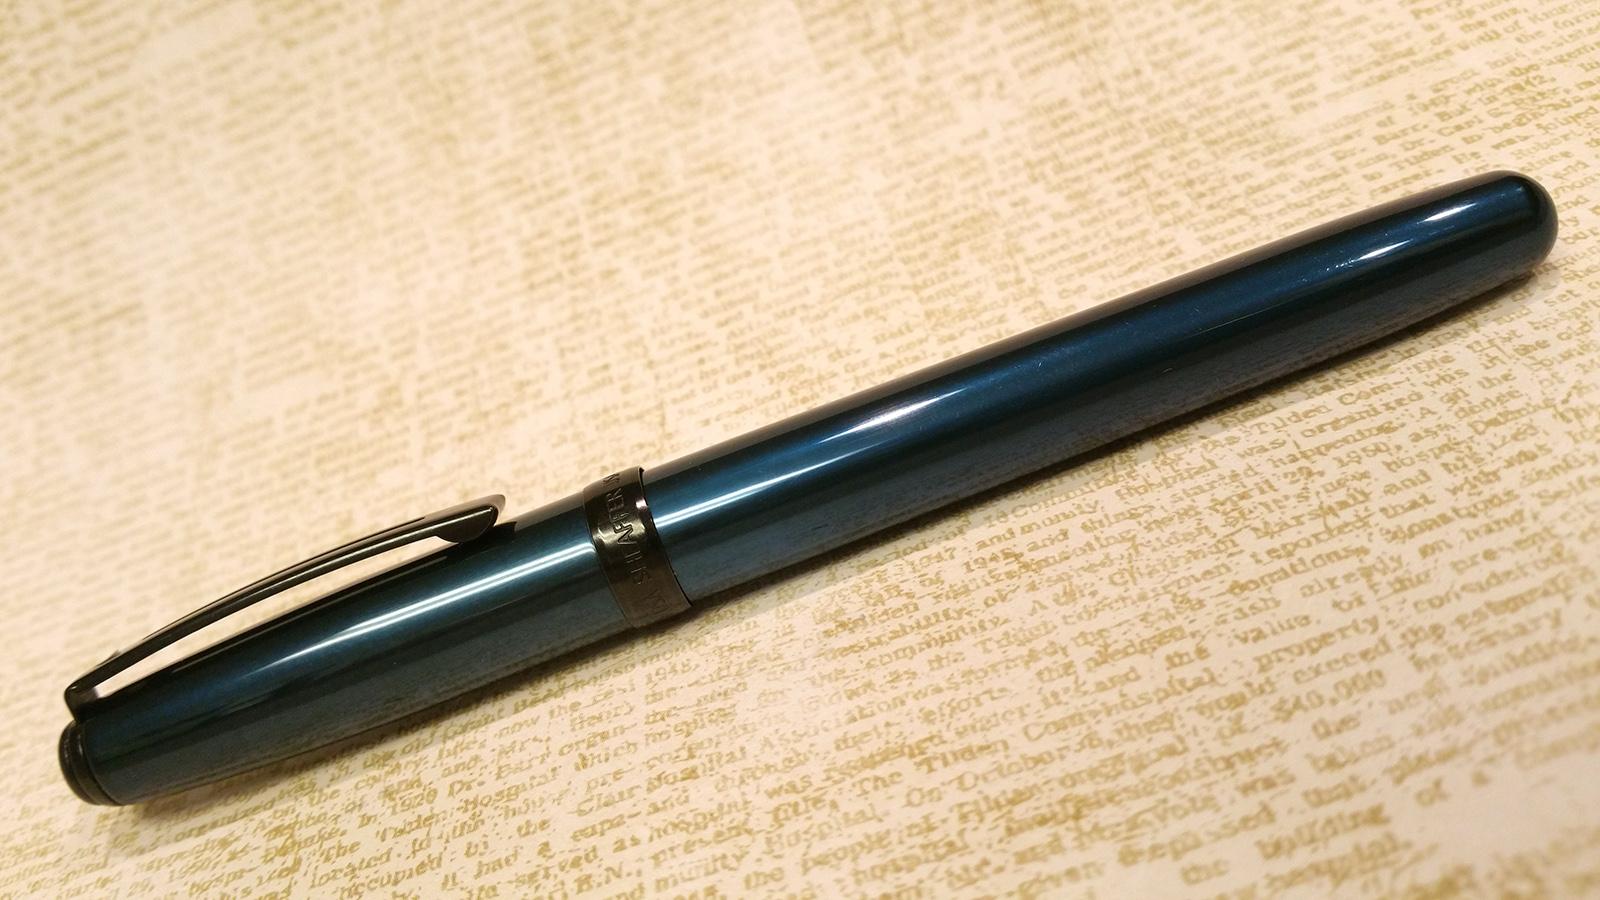 Sheaffer Prelude 380 Fountain Pen in metallic blue